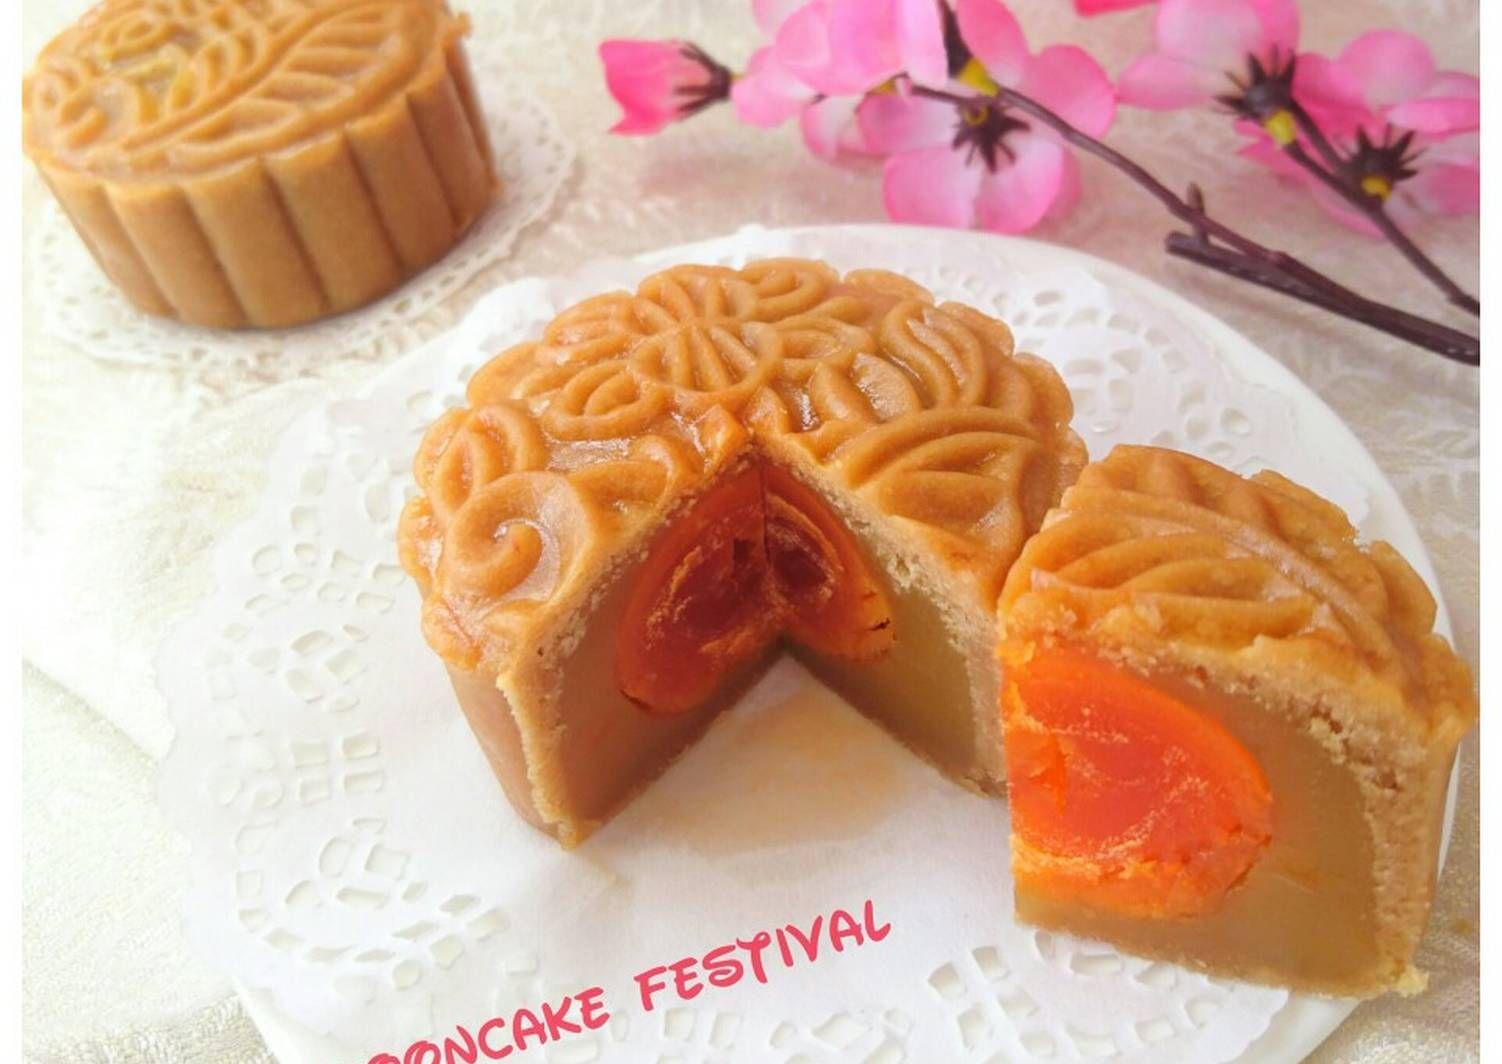 Resep Moon Cake Tiongciu Pia Oleh Selene Cake Resep Mooncake Resep Resep Masakan